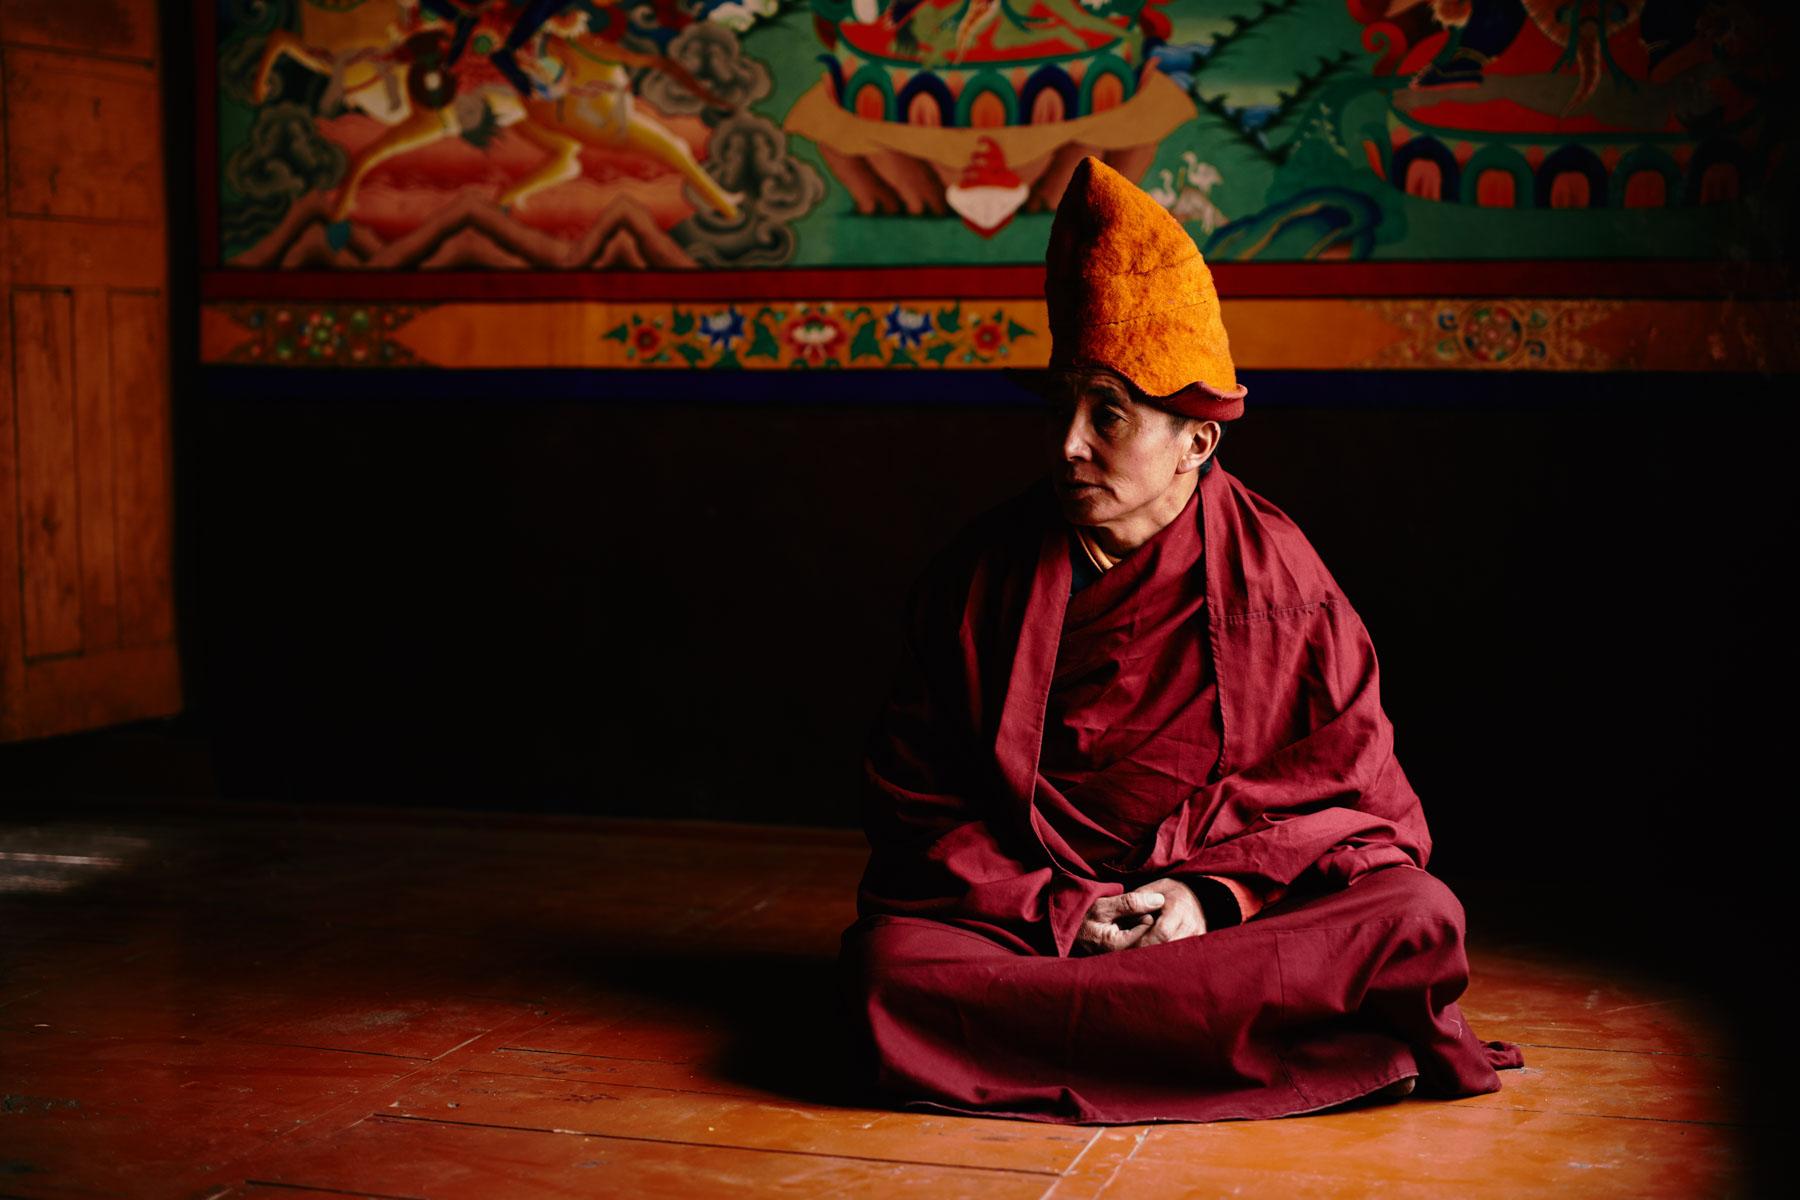 Lama Thsepel vor der Meditation im Kloster von Lingshed/ Ladakh/ Indien, 2018